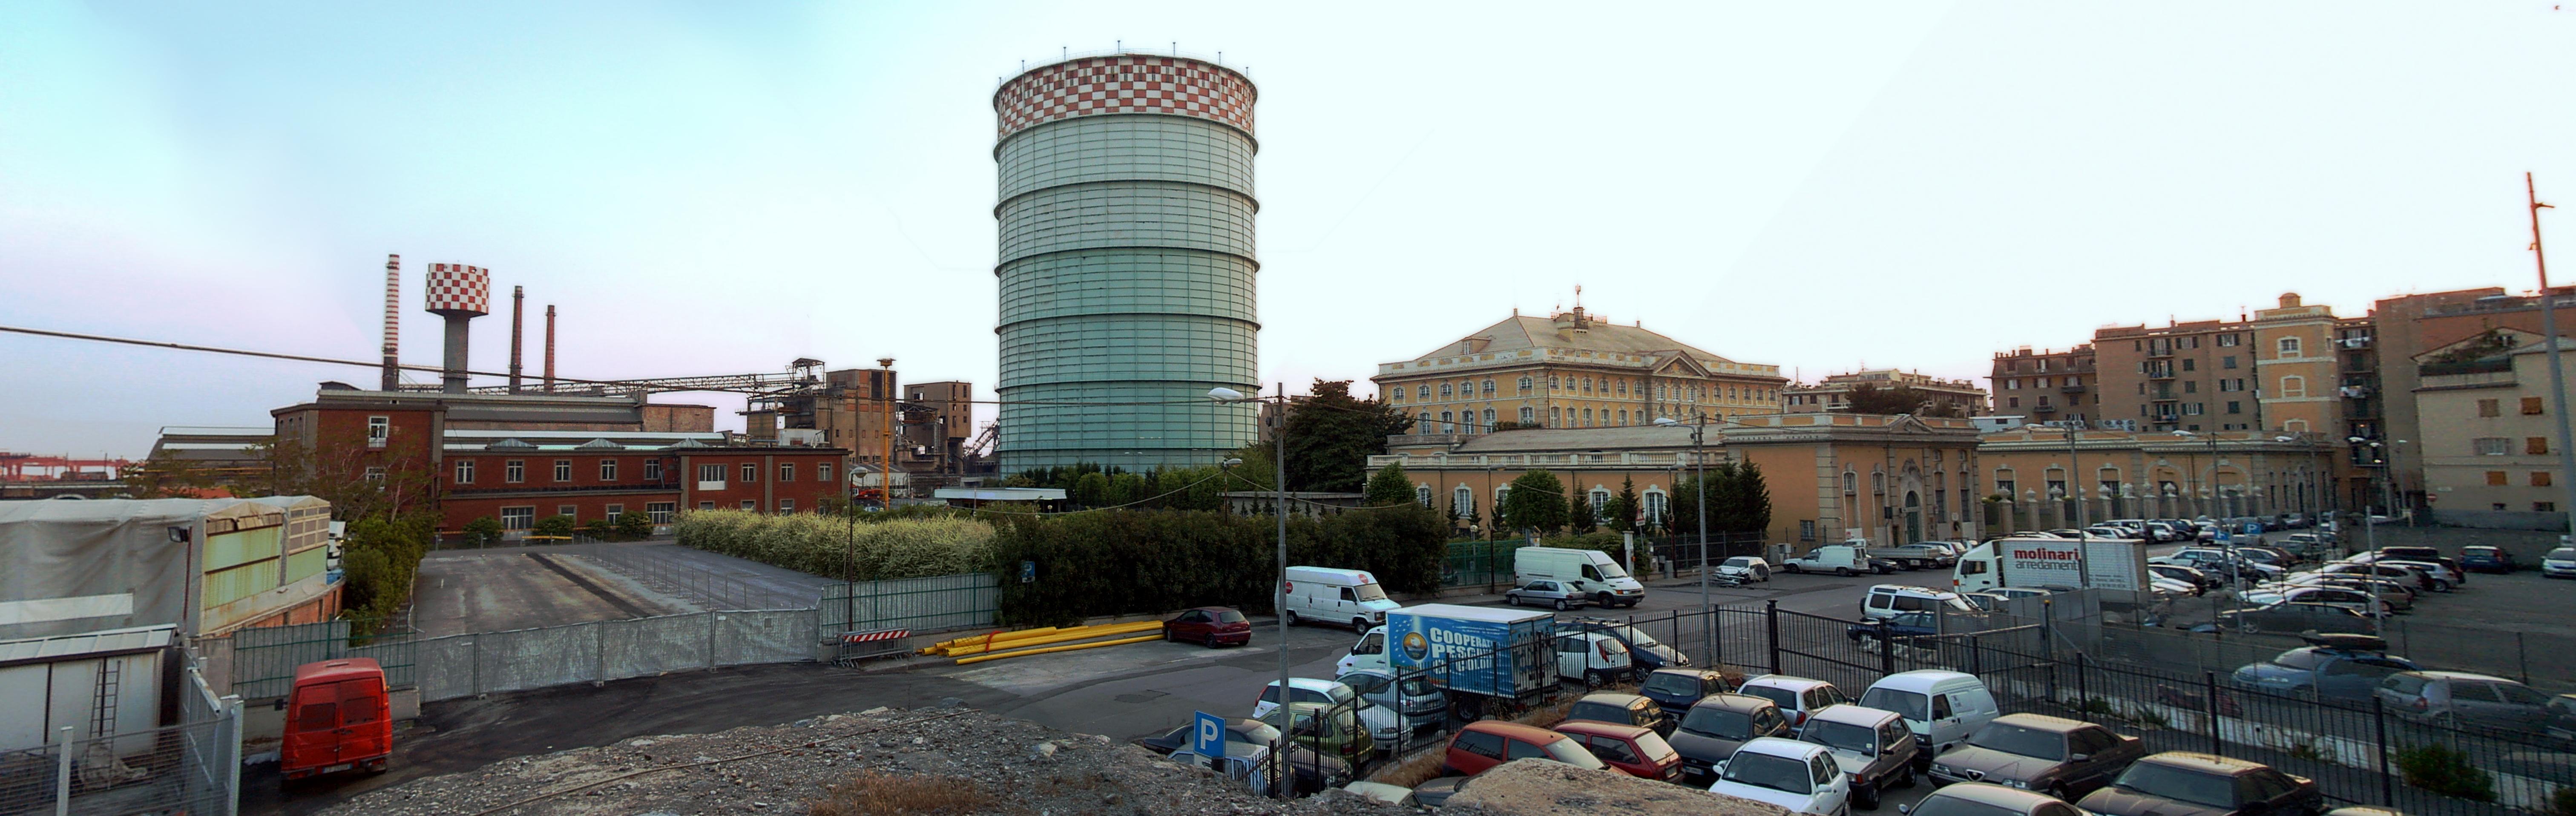 L impianto siderurgico di Cornigliano con accanto l antica villa Bombrini e l